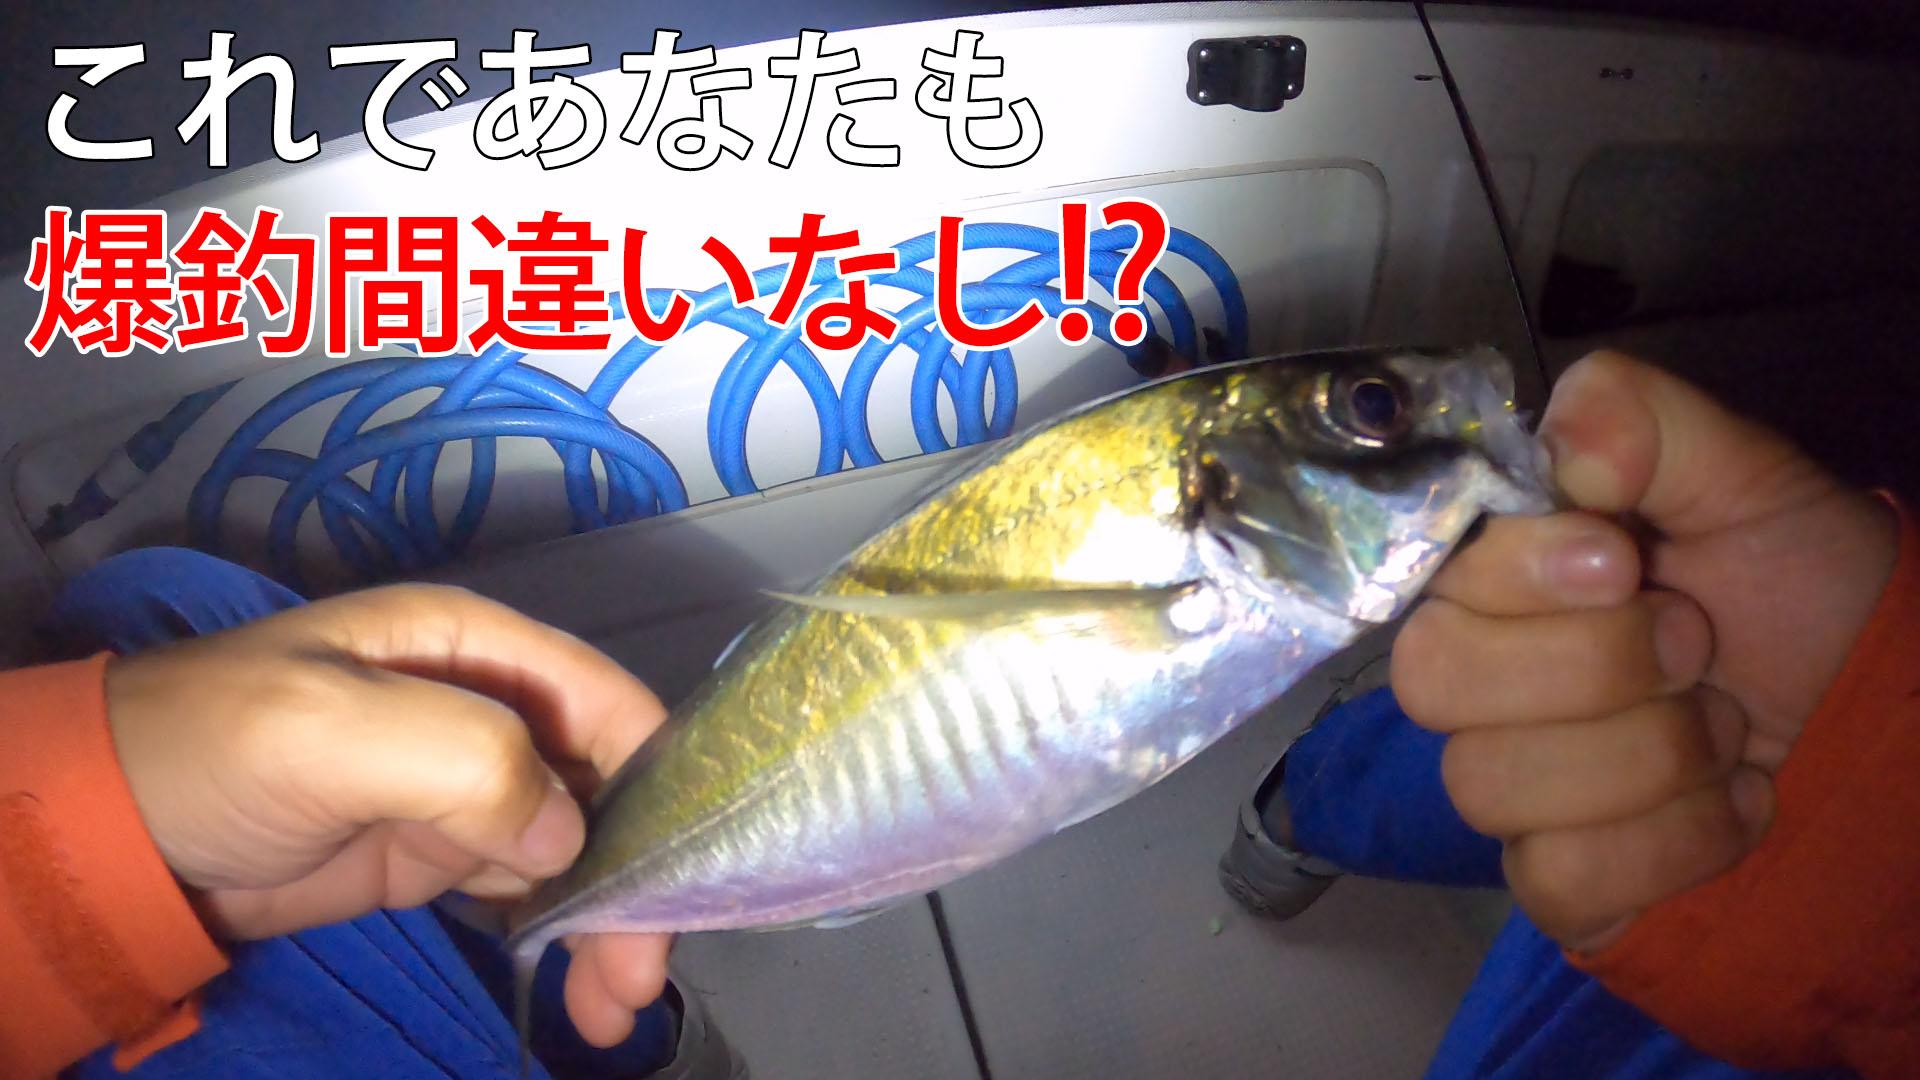 釣りのプロに教わるアジ釣り解説のサムネイル